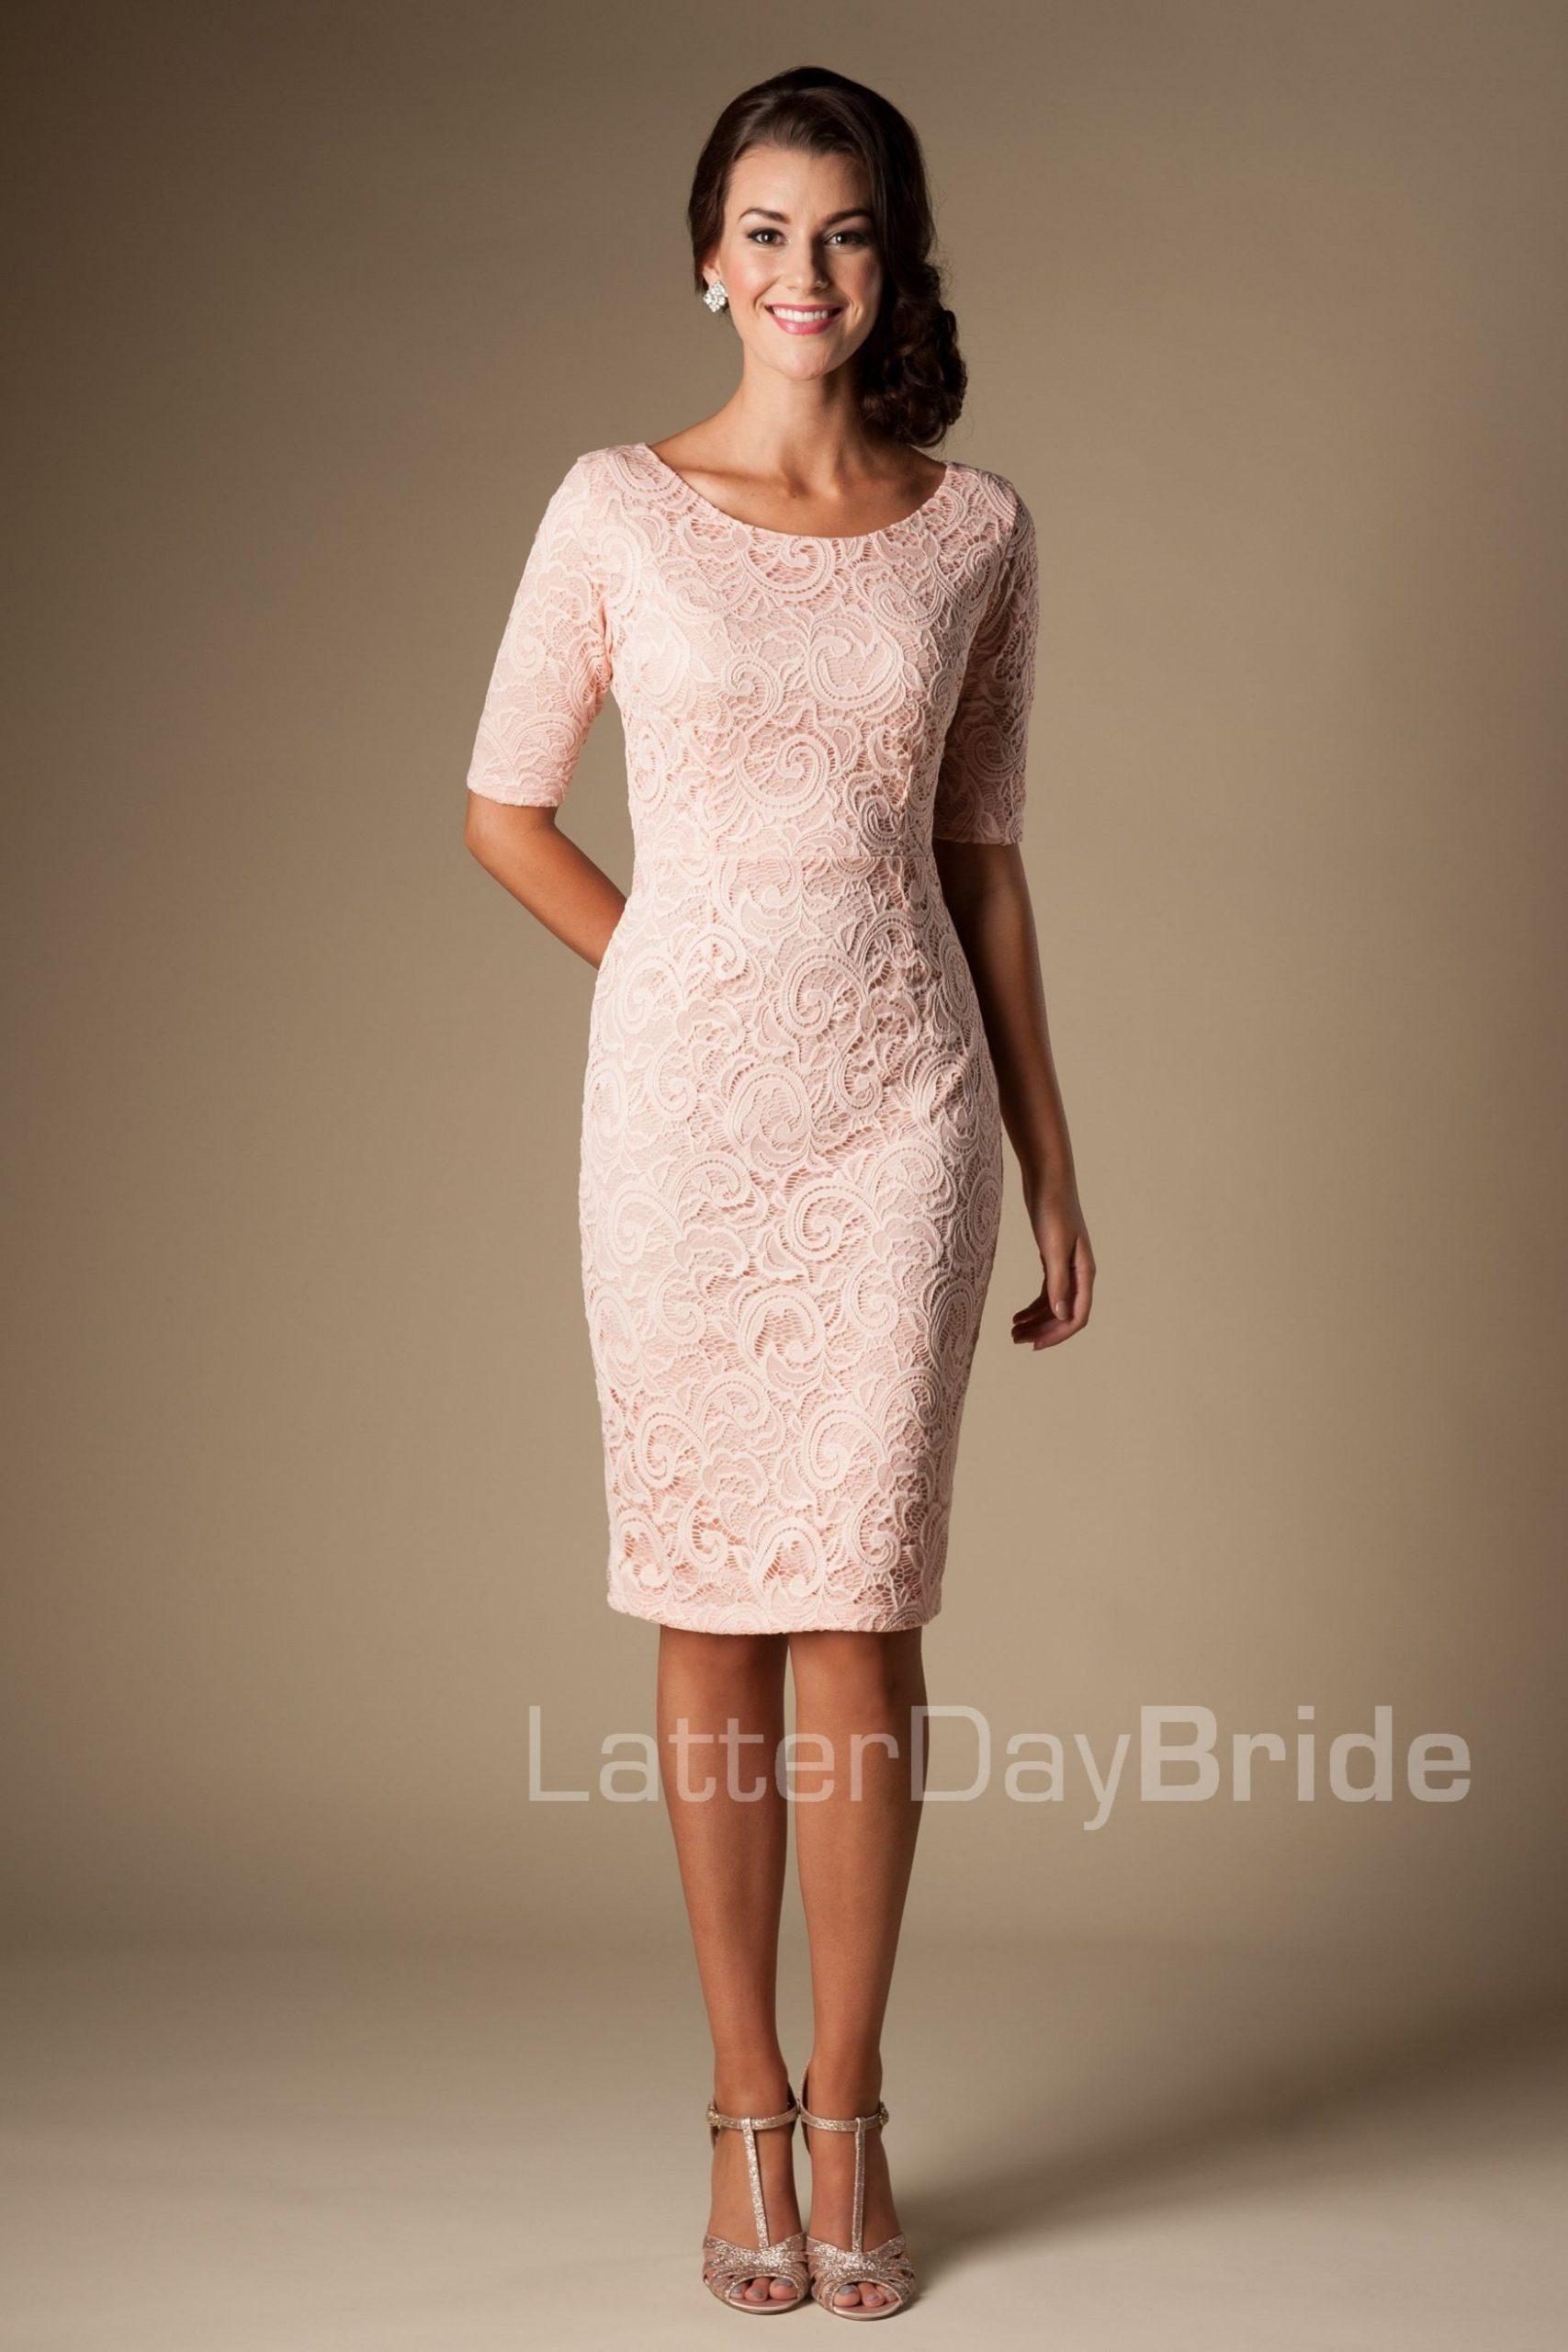 Schicke Kleider Für Hochzeitsgäste   Festliche Kleider